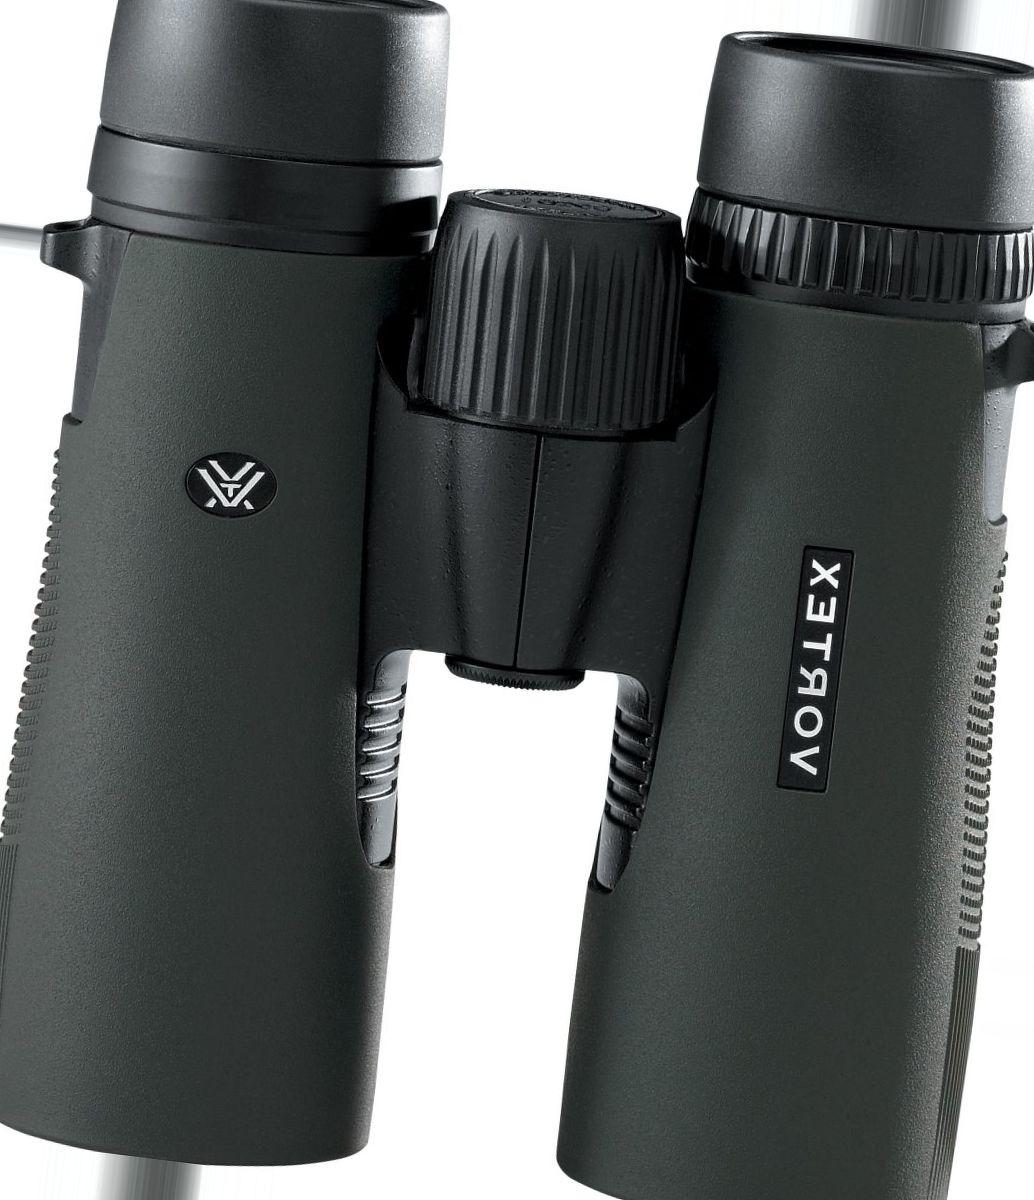 Vortex® Diamondback 8x42 Binoculars